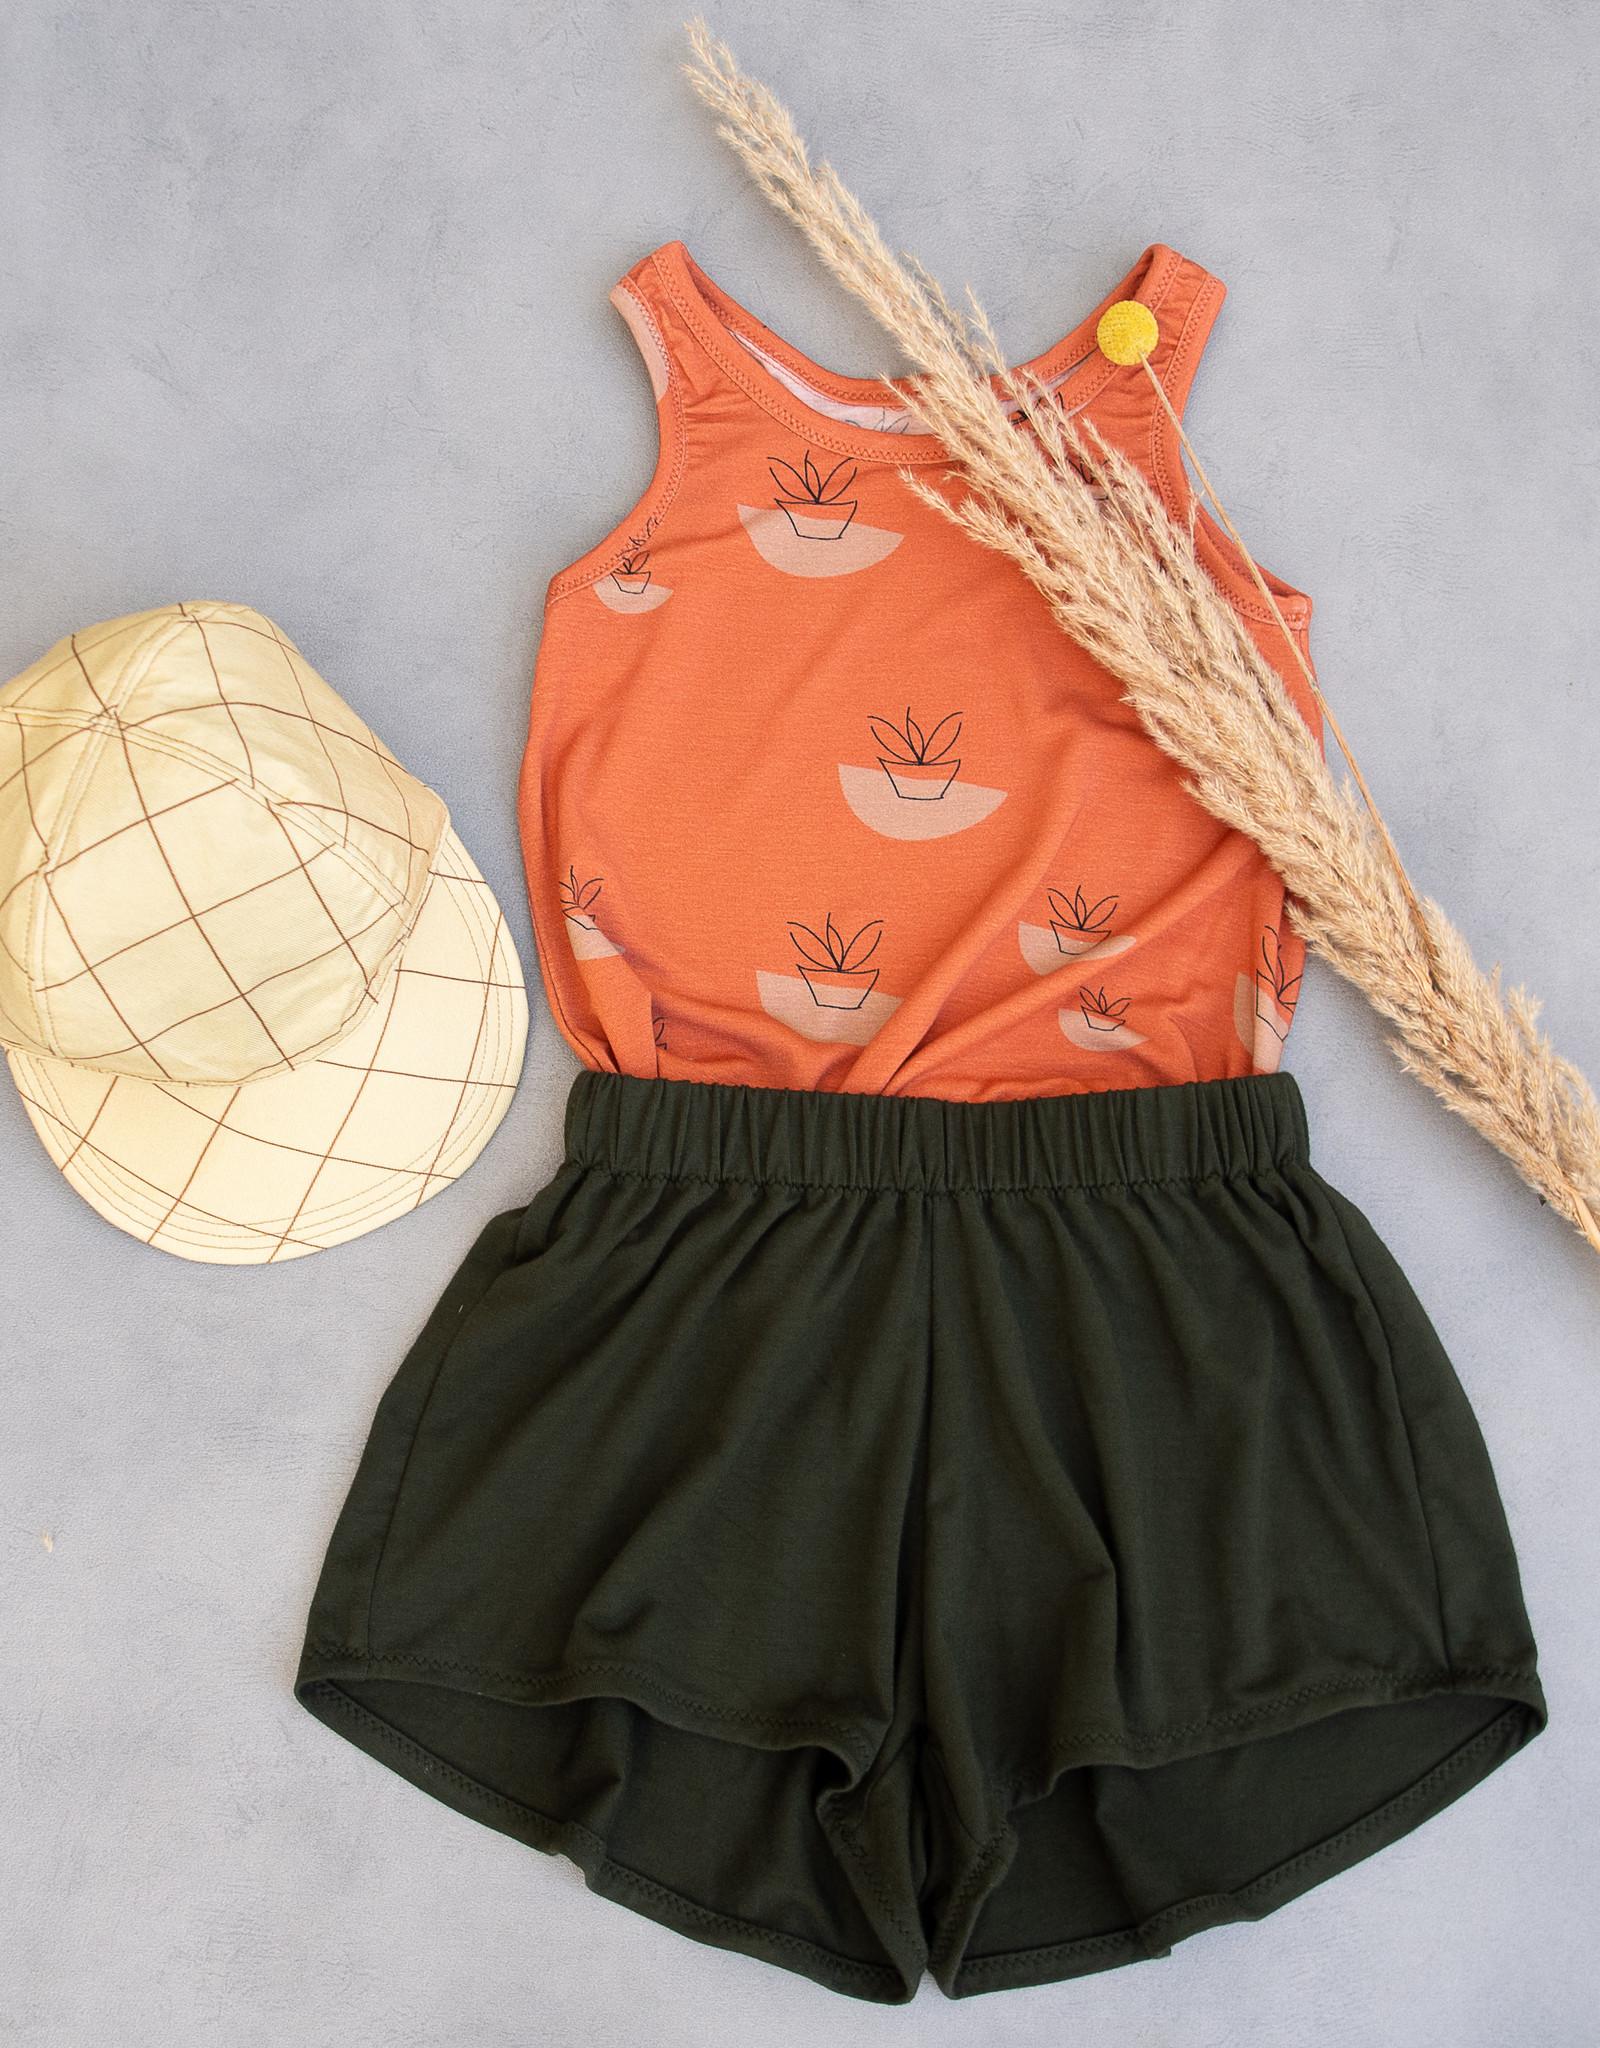 WISJ Designs Break away staycation tercel jersey